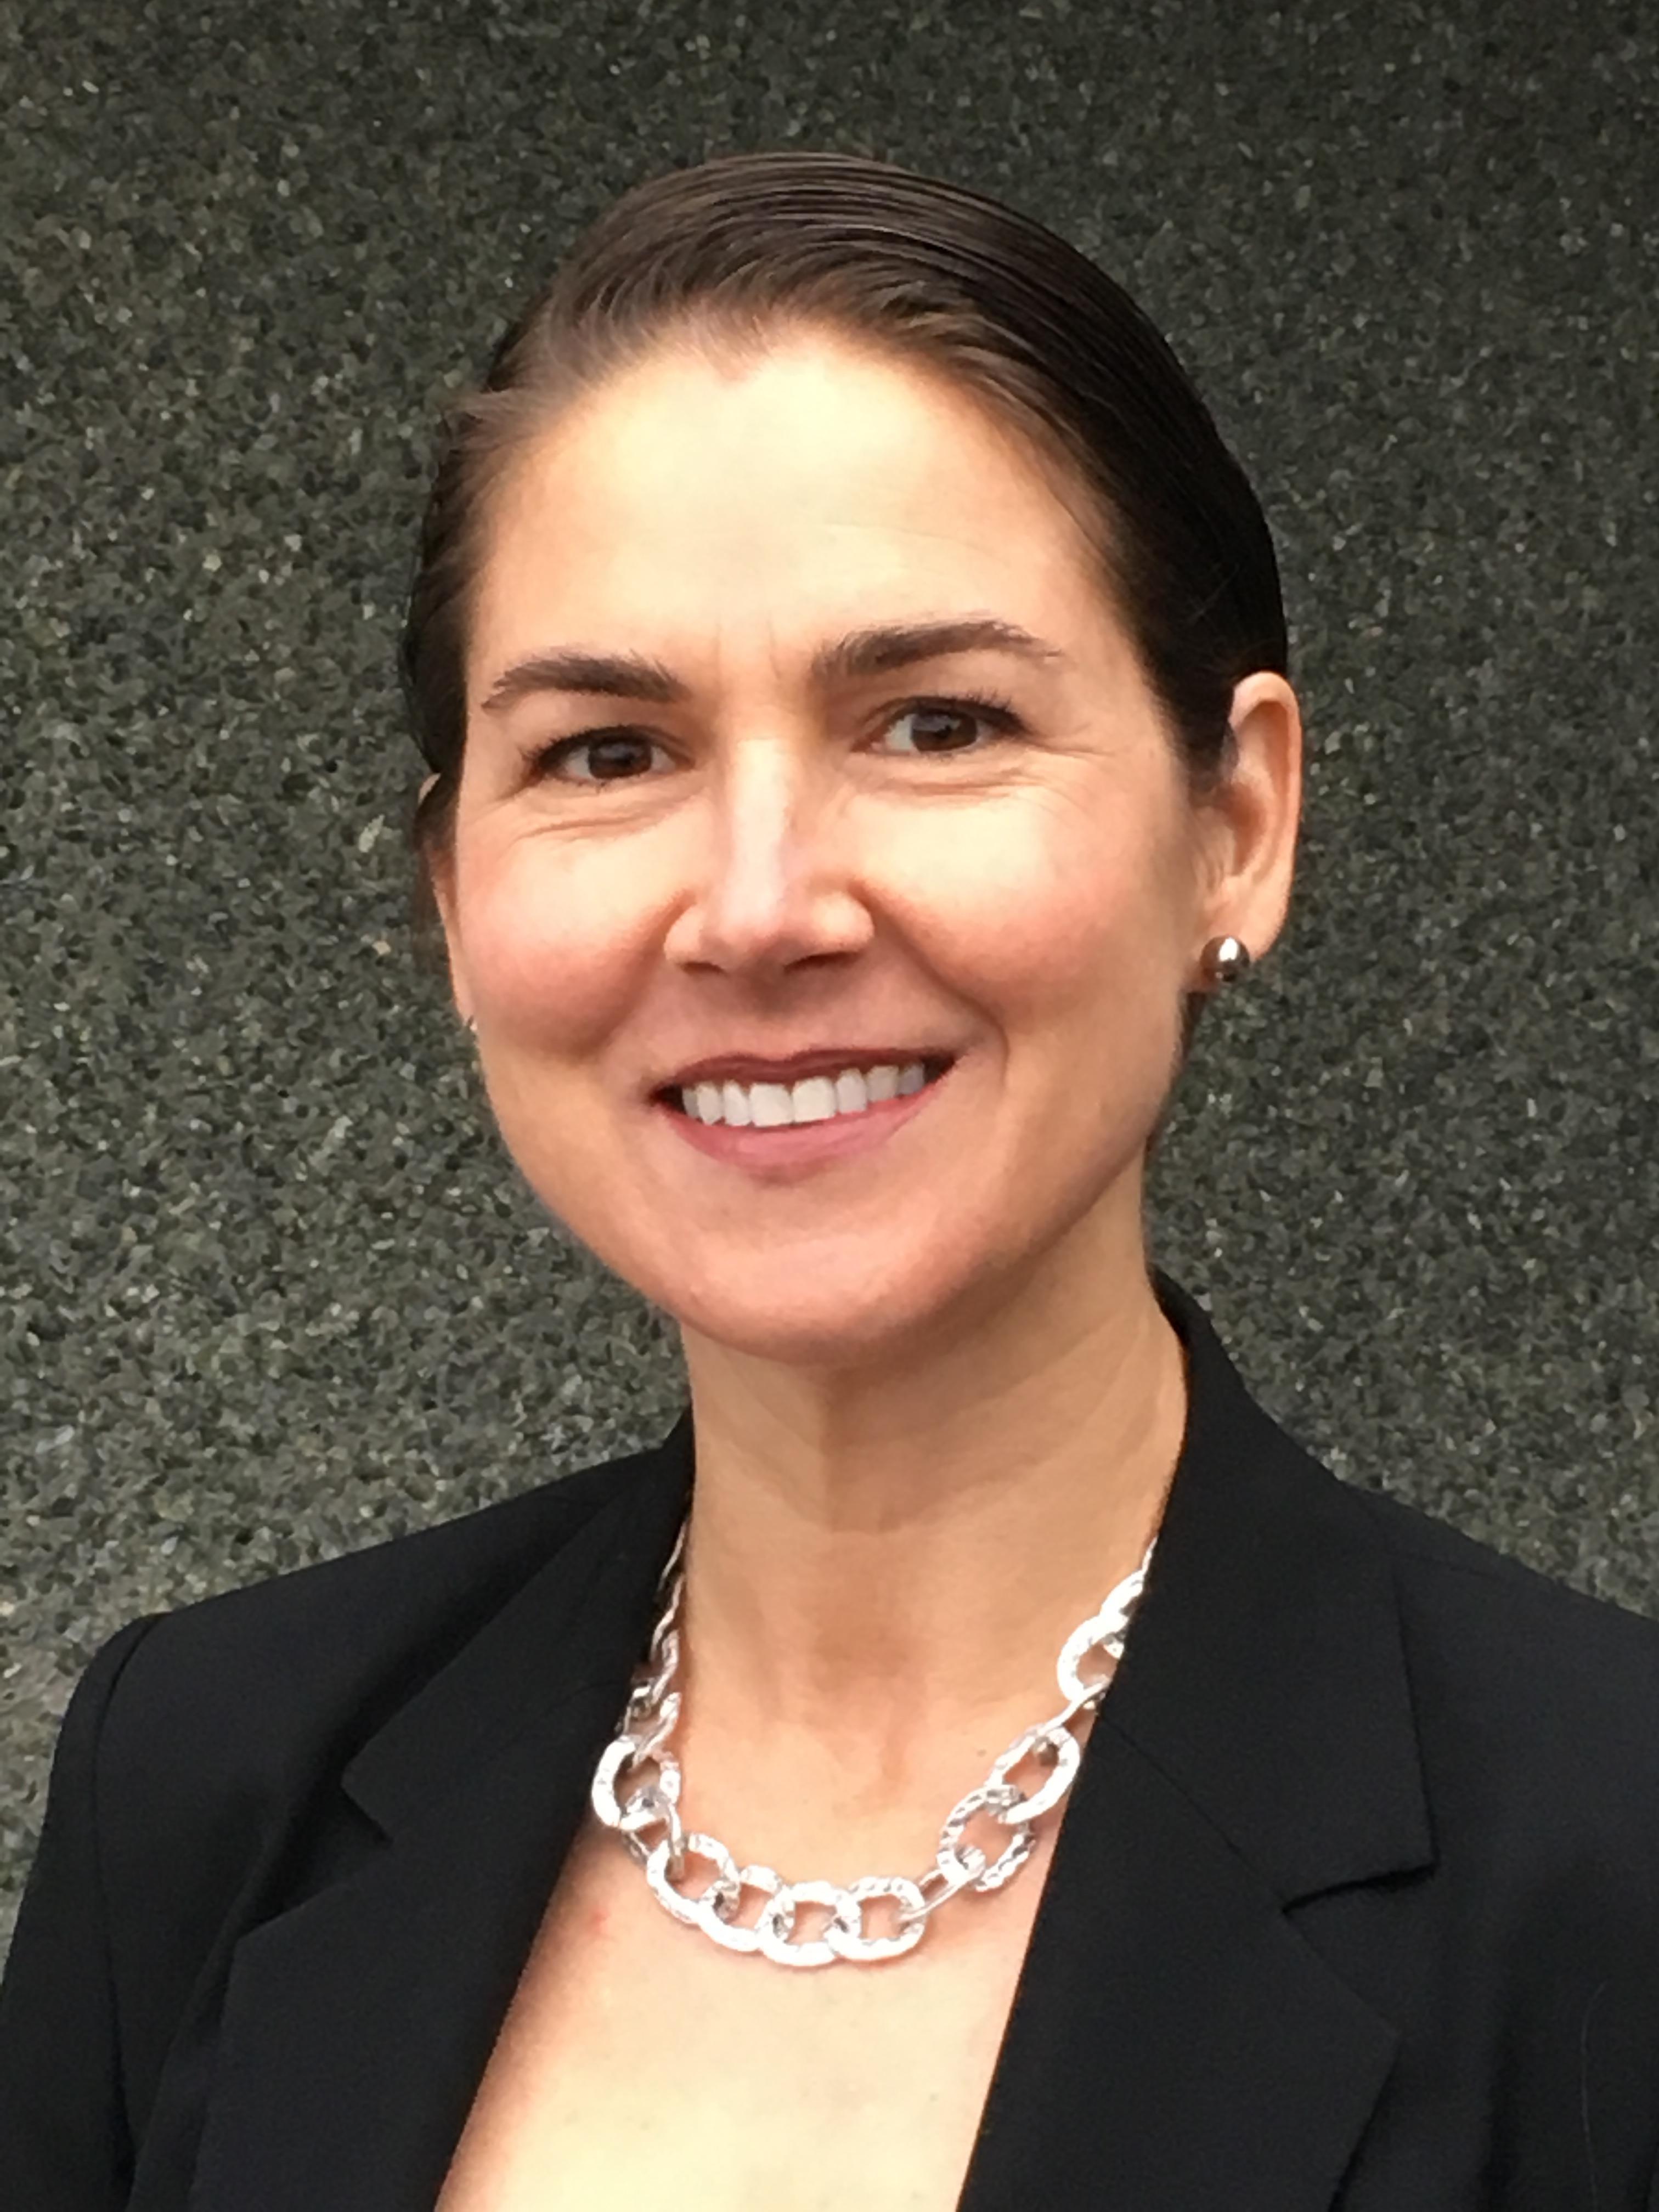 Annette Gingrich